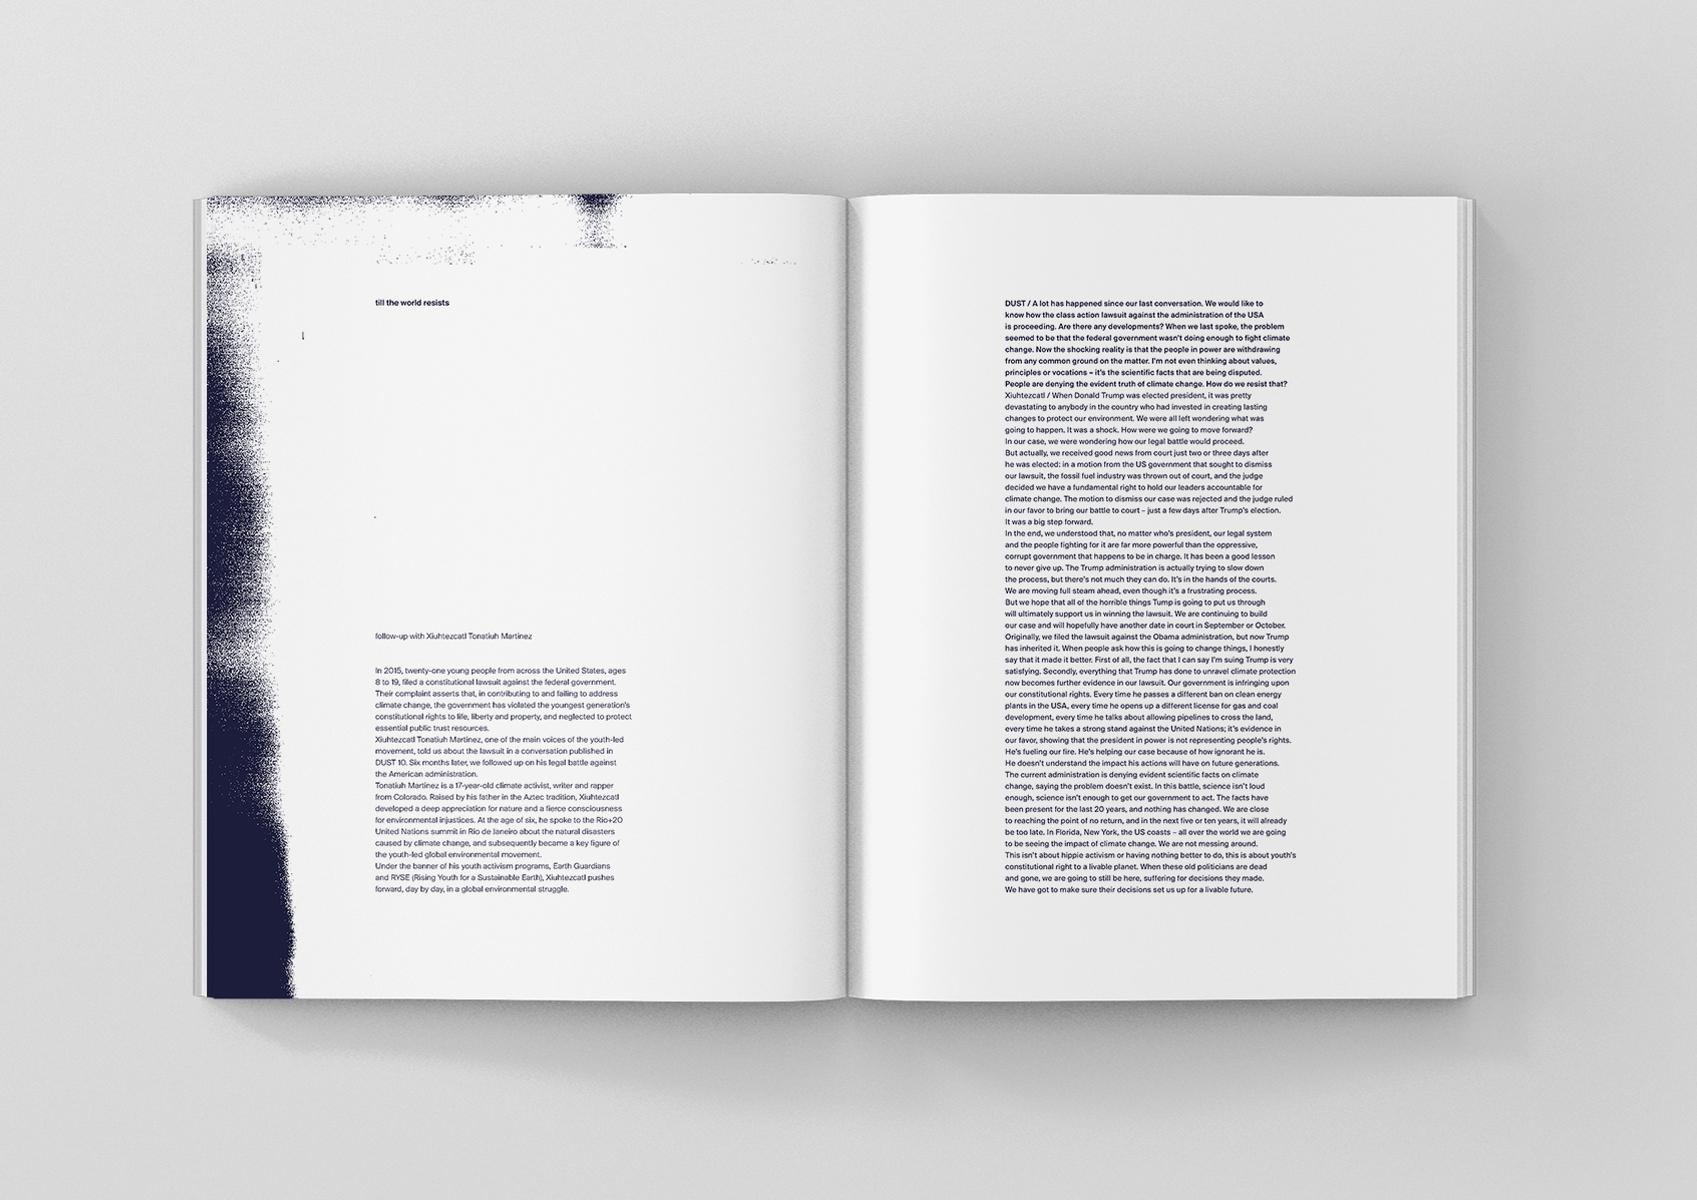 nicoletta-dalfino-dust-magazine-11-spread2